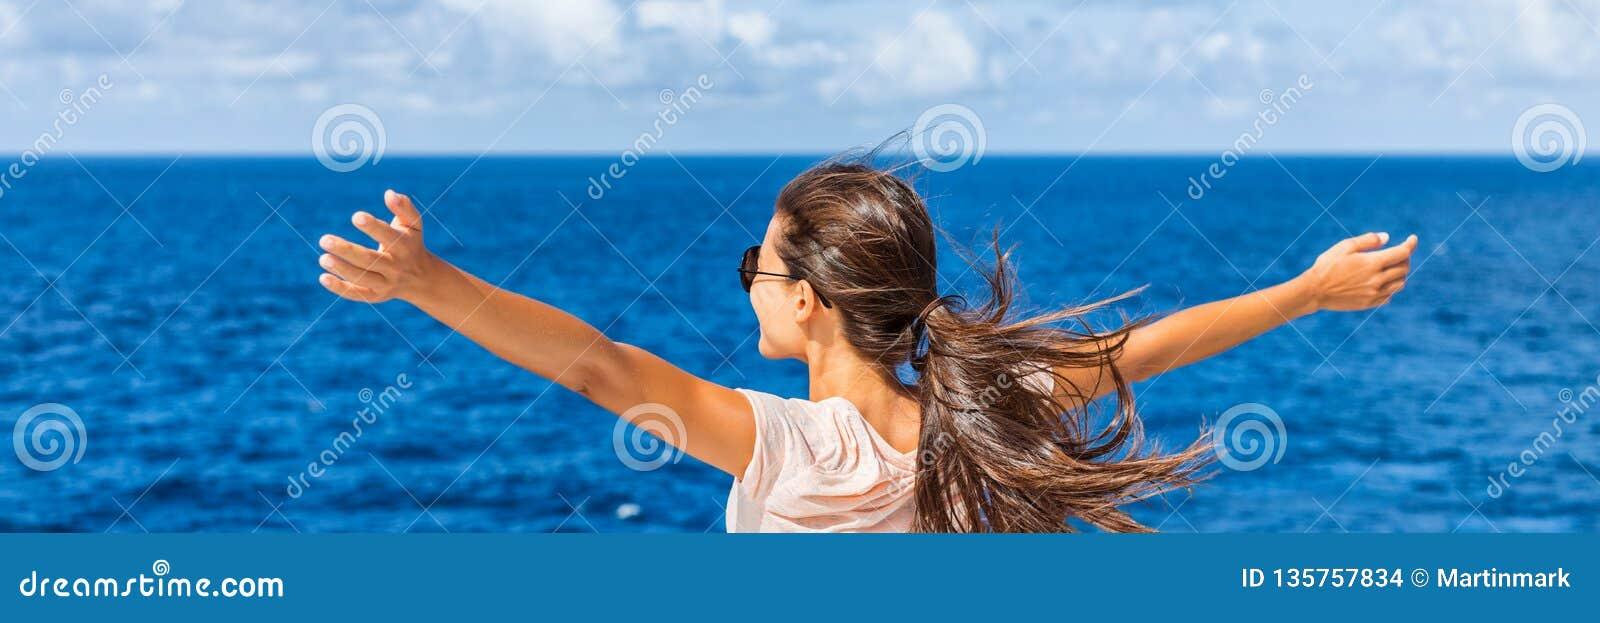 Femme heureuse de liberté avec les bras ouverts regardant la mer